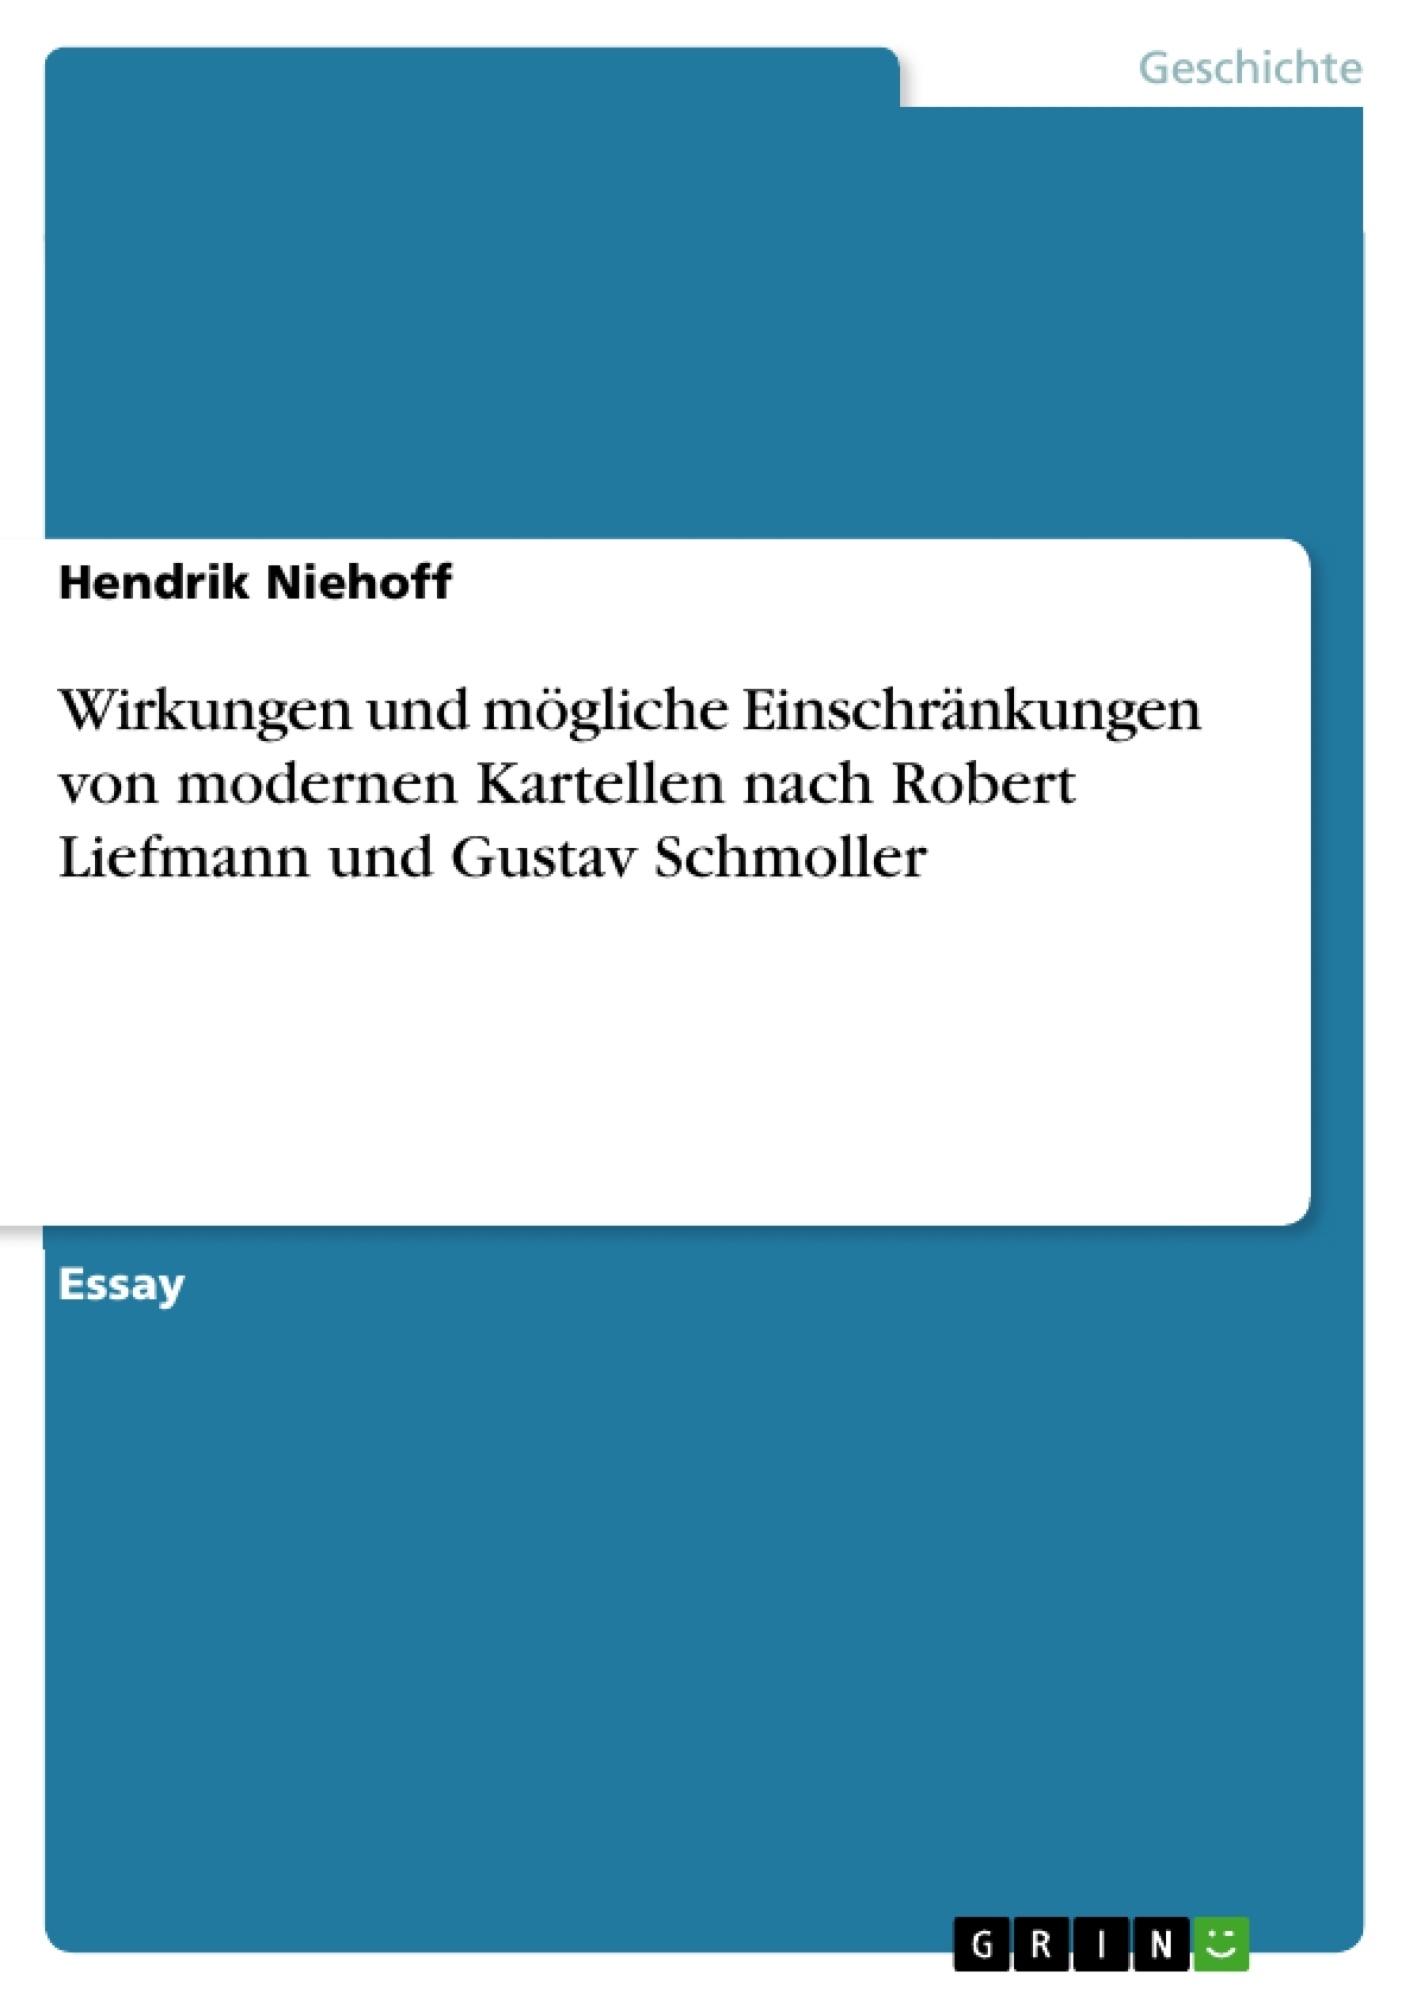 Titel: Wirkungen und mögliche Einschränkungen von modernen Kartellen nach Robert Liefmann und Gustav Schmoller